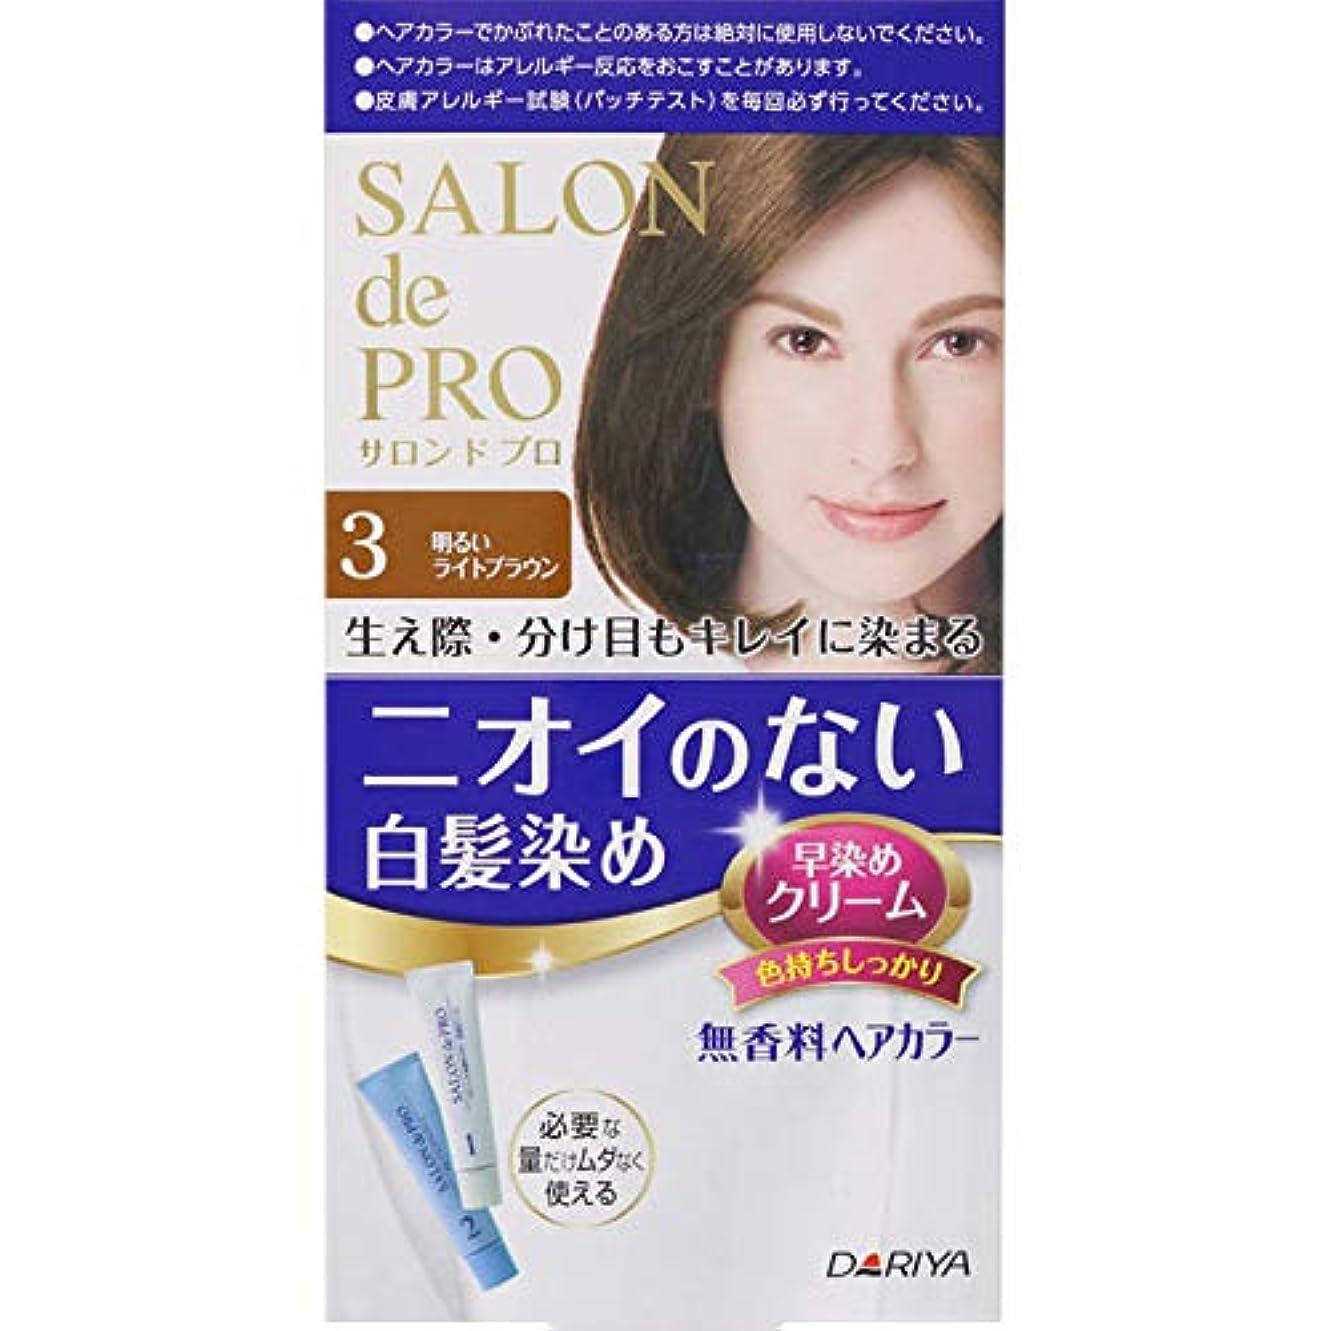 手荷物ラウズ酸素ダリヤ サロン ド プロ 無香料ヘアカラー 早染めクリーム(白髪用) 3 明るいライトブラウン 40g+40g